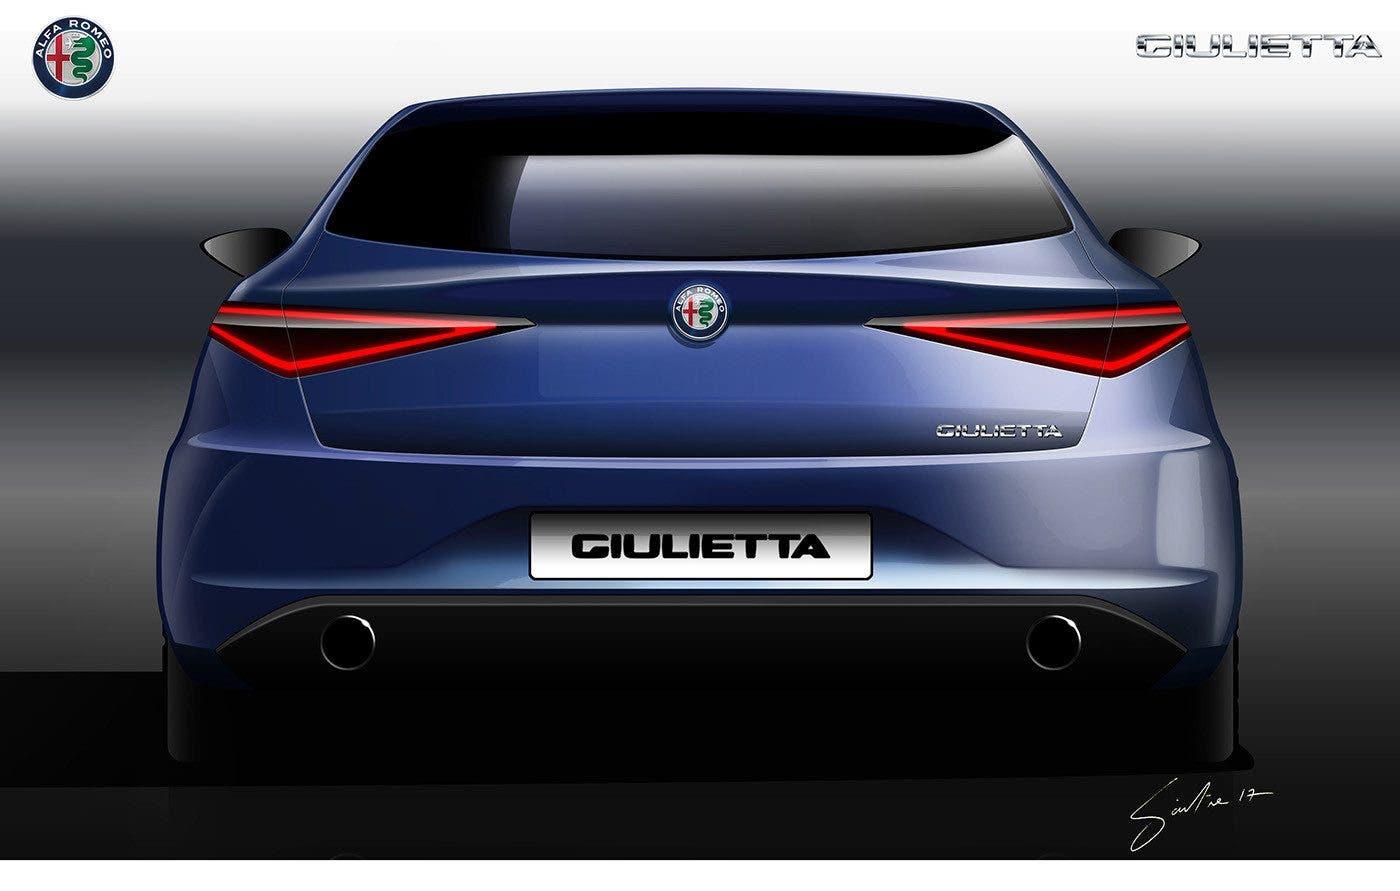 28977 Alfa Romeo Giulietta La Nuova Generazione Si Mostra In Una Nuova Ipotesi Stilistica further Nuova Fiat 127 Arriva Nel 2019 as well Fiat 126 1972 as well New Fiat Tipo S Design Brings Sporty additionally Fiat New Panda 12 Jva7146618046. on new fiat panda